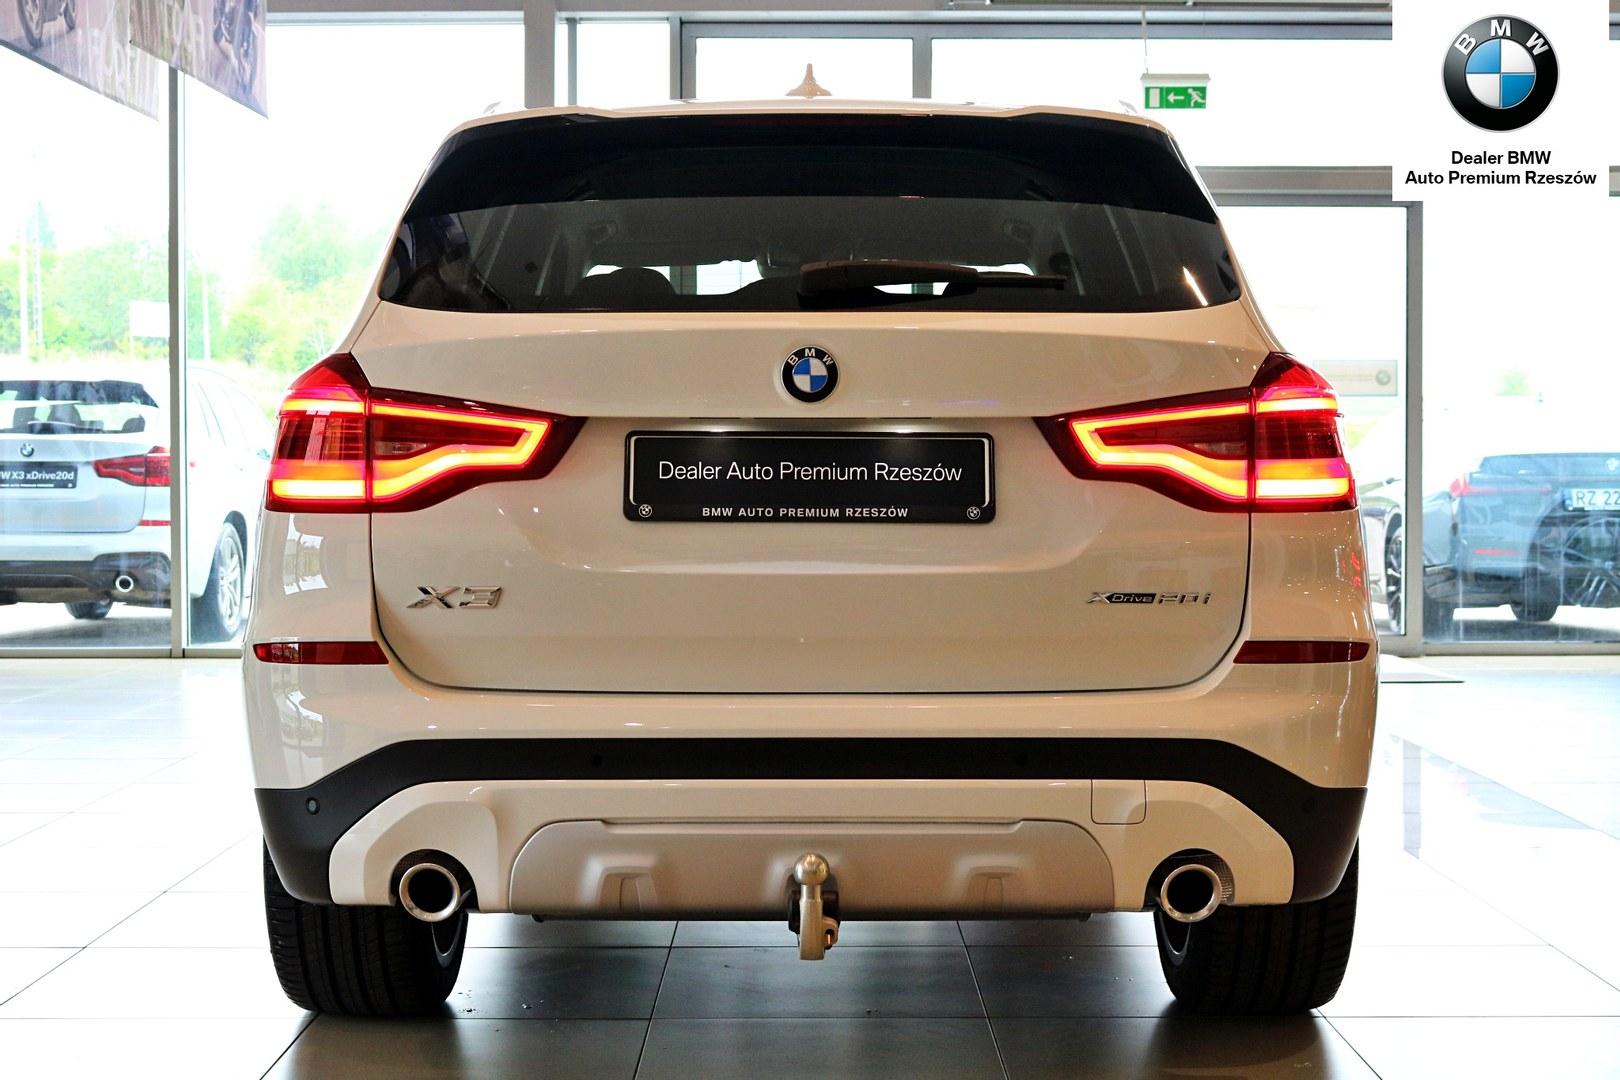 Bmw X3 G01 Bialy Uzywany Autoryzowany Serwis Bmw Auto Premium Swilcza